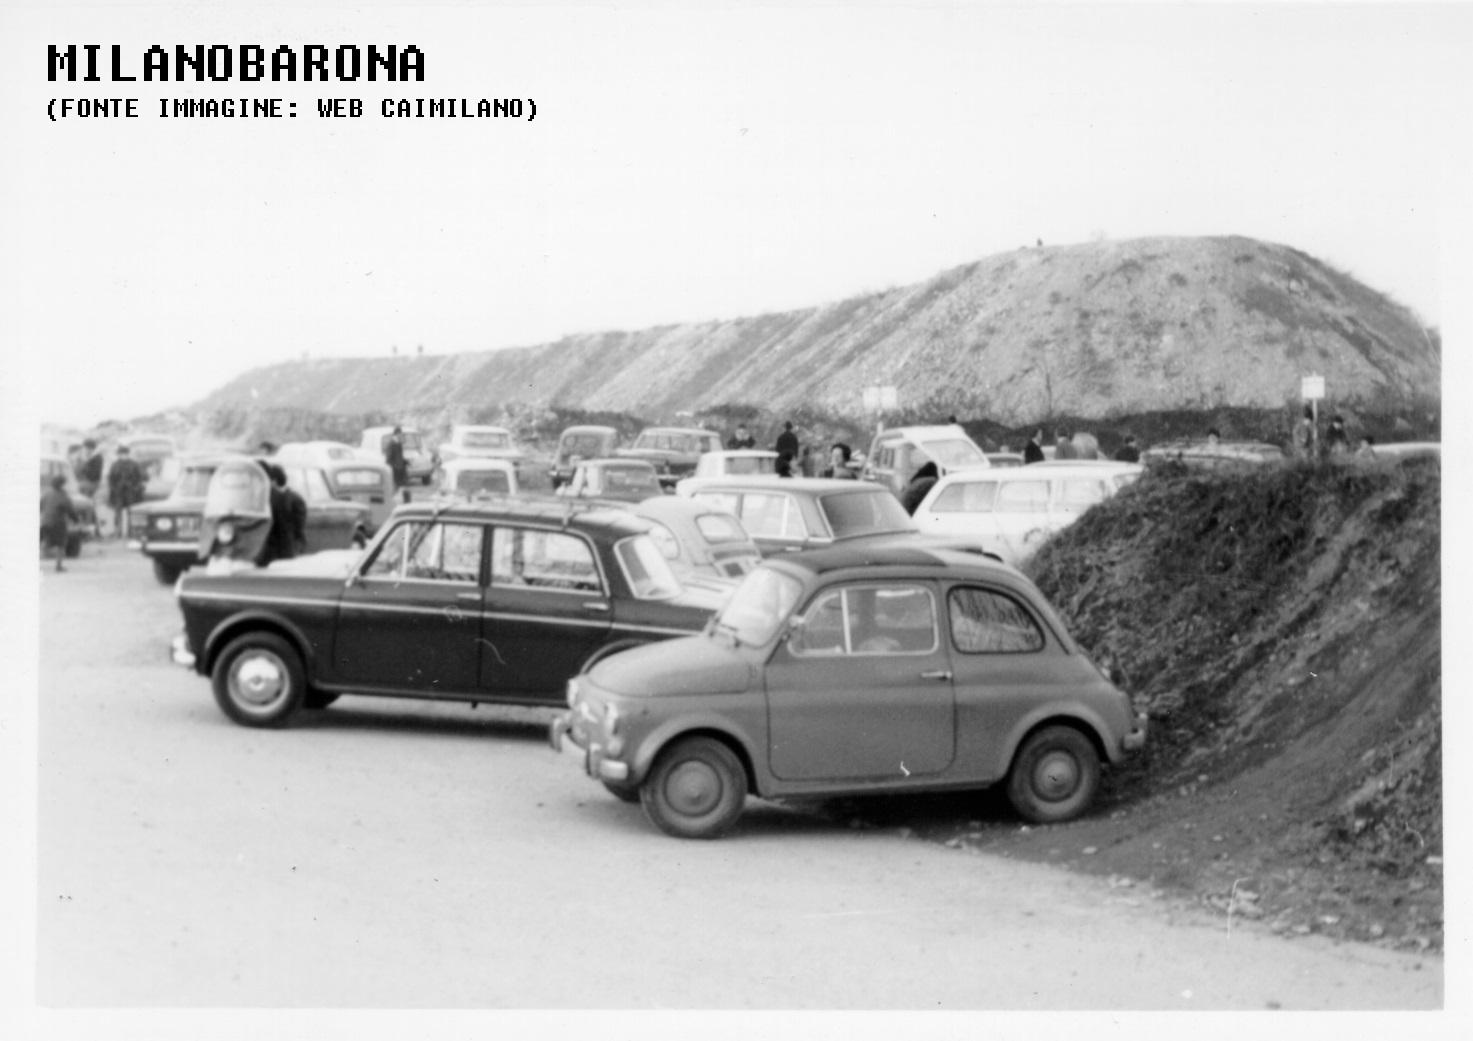 Monte Stella 1970 circa. (fonte immagine : web CAIMILANO)